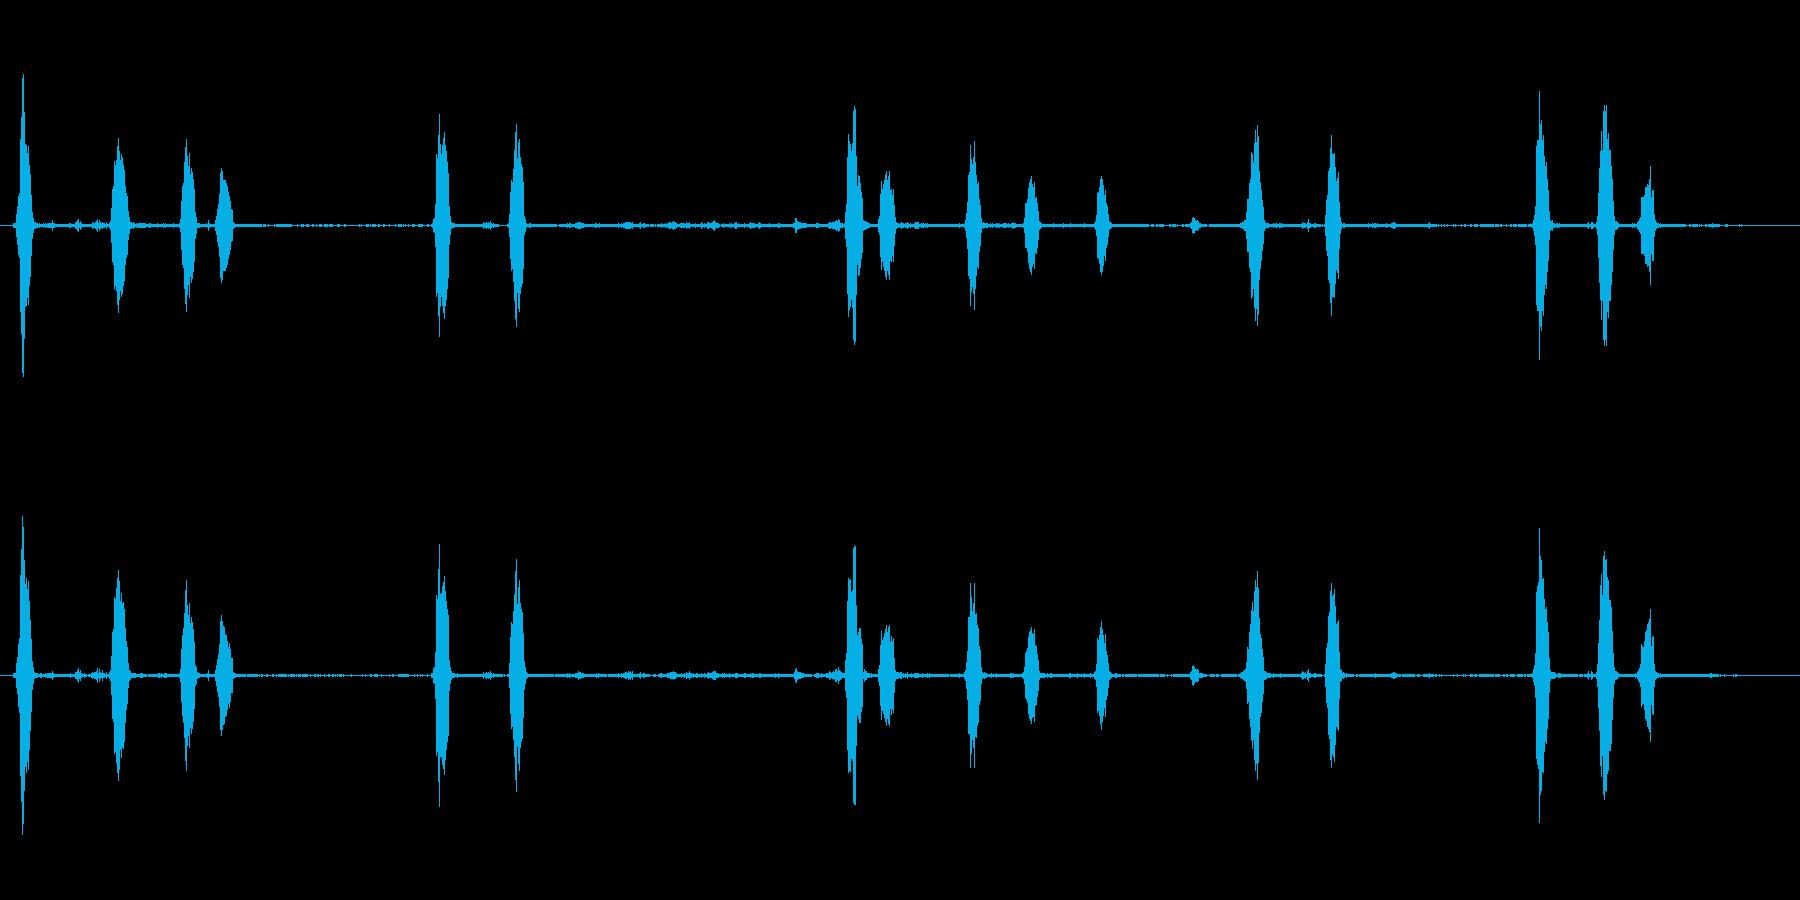 犬、樹皮、近く、屋外; DIGIF...の再生済みの波形